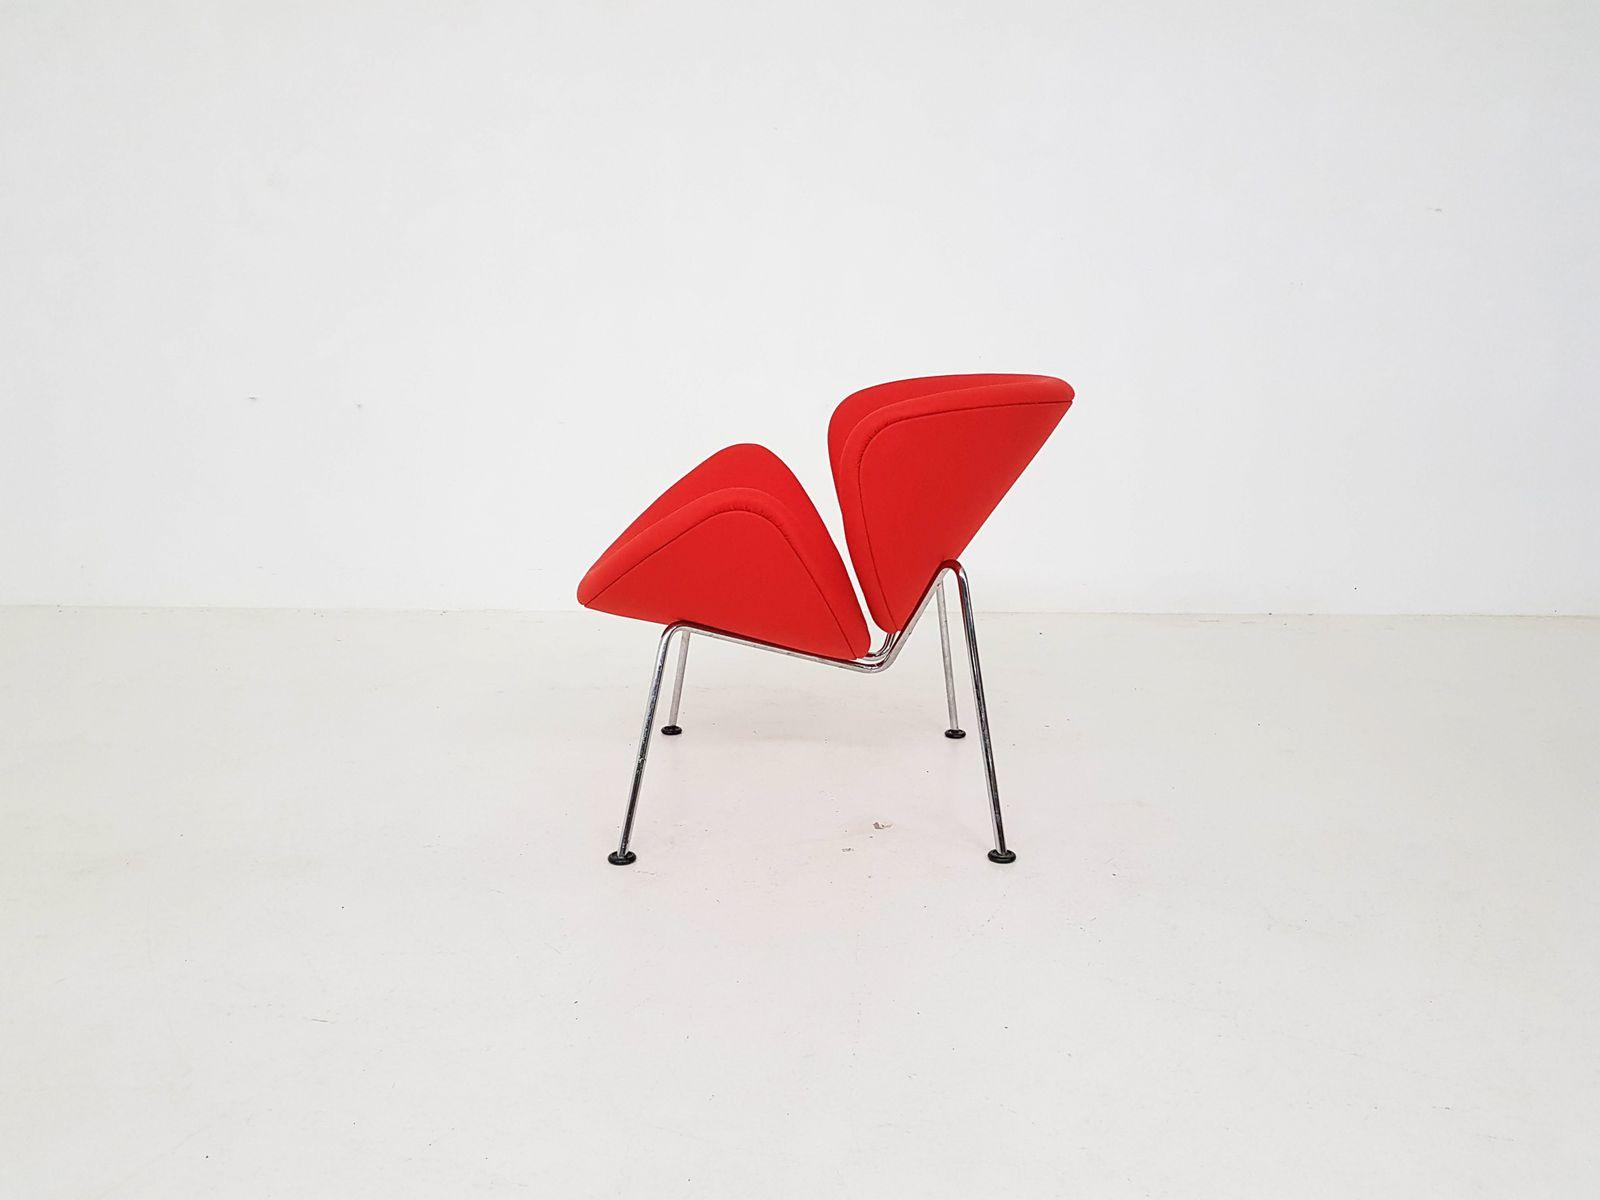 niederl ndischer orange slice sessel von pierre paulin f r. Black Bedroom Furniture Sets. Home Design Ideas